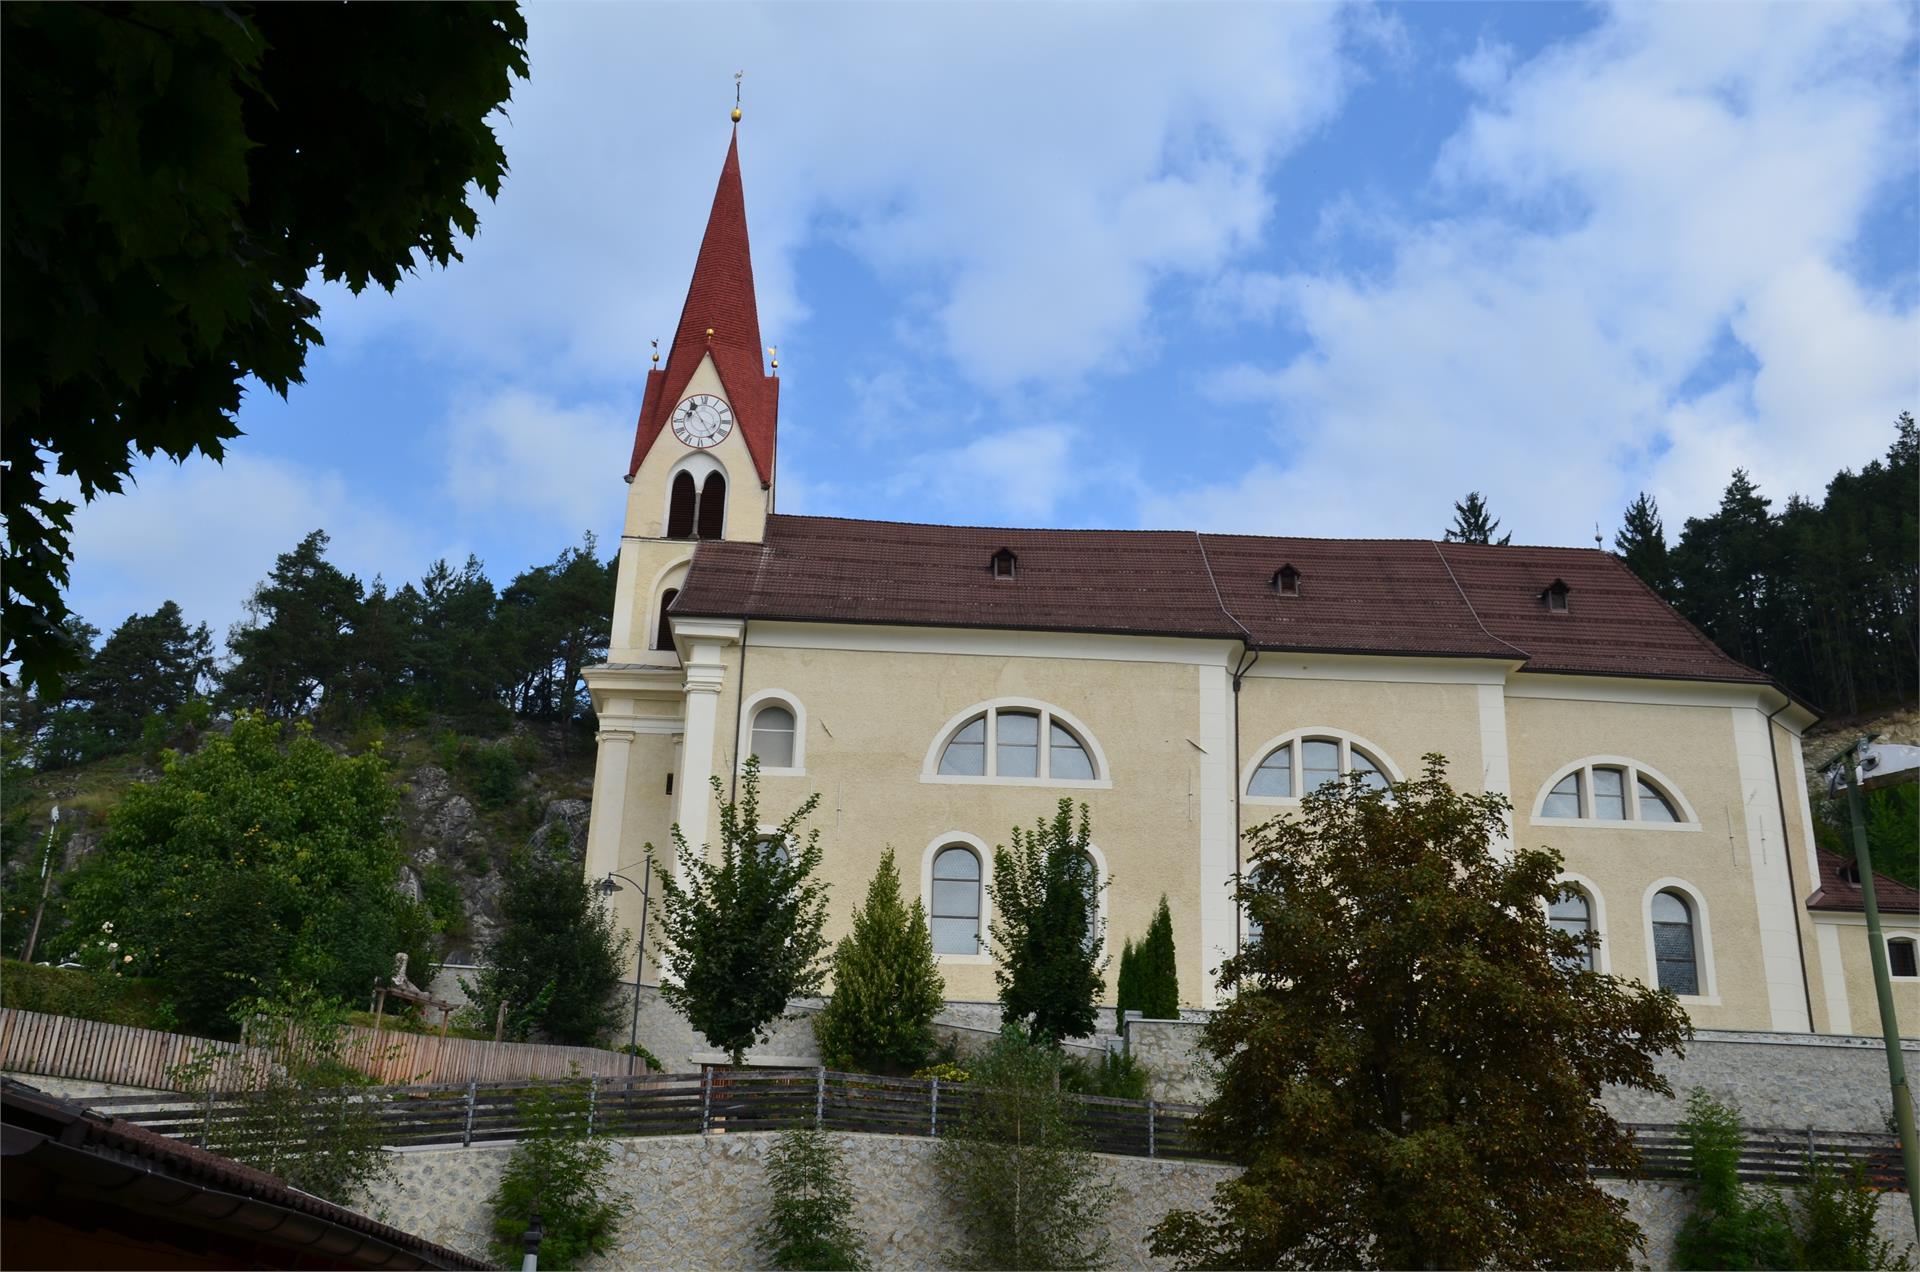 Chiesa Parrocchiale di San Pietro e Paolo